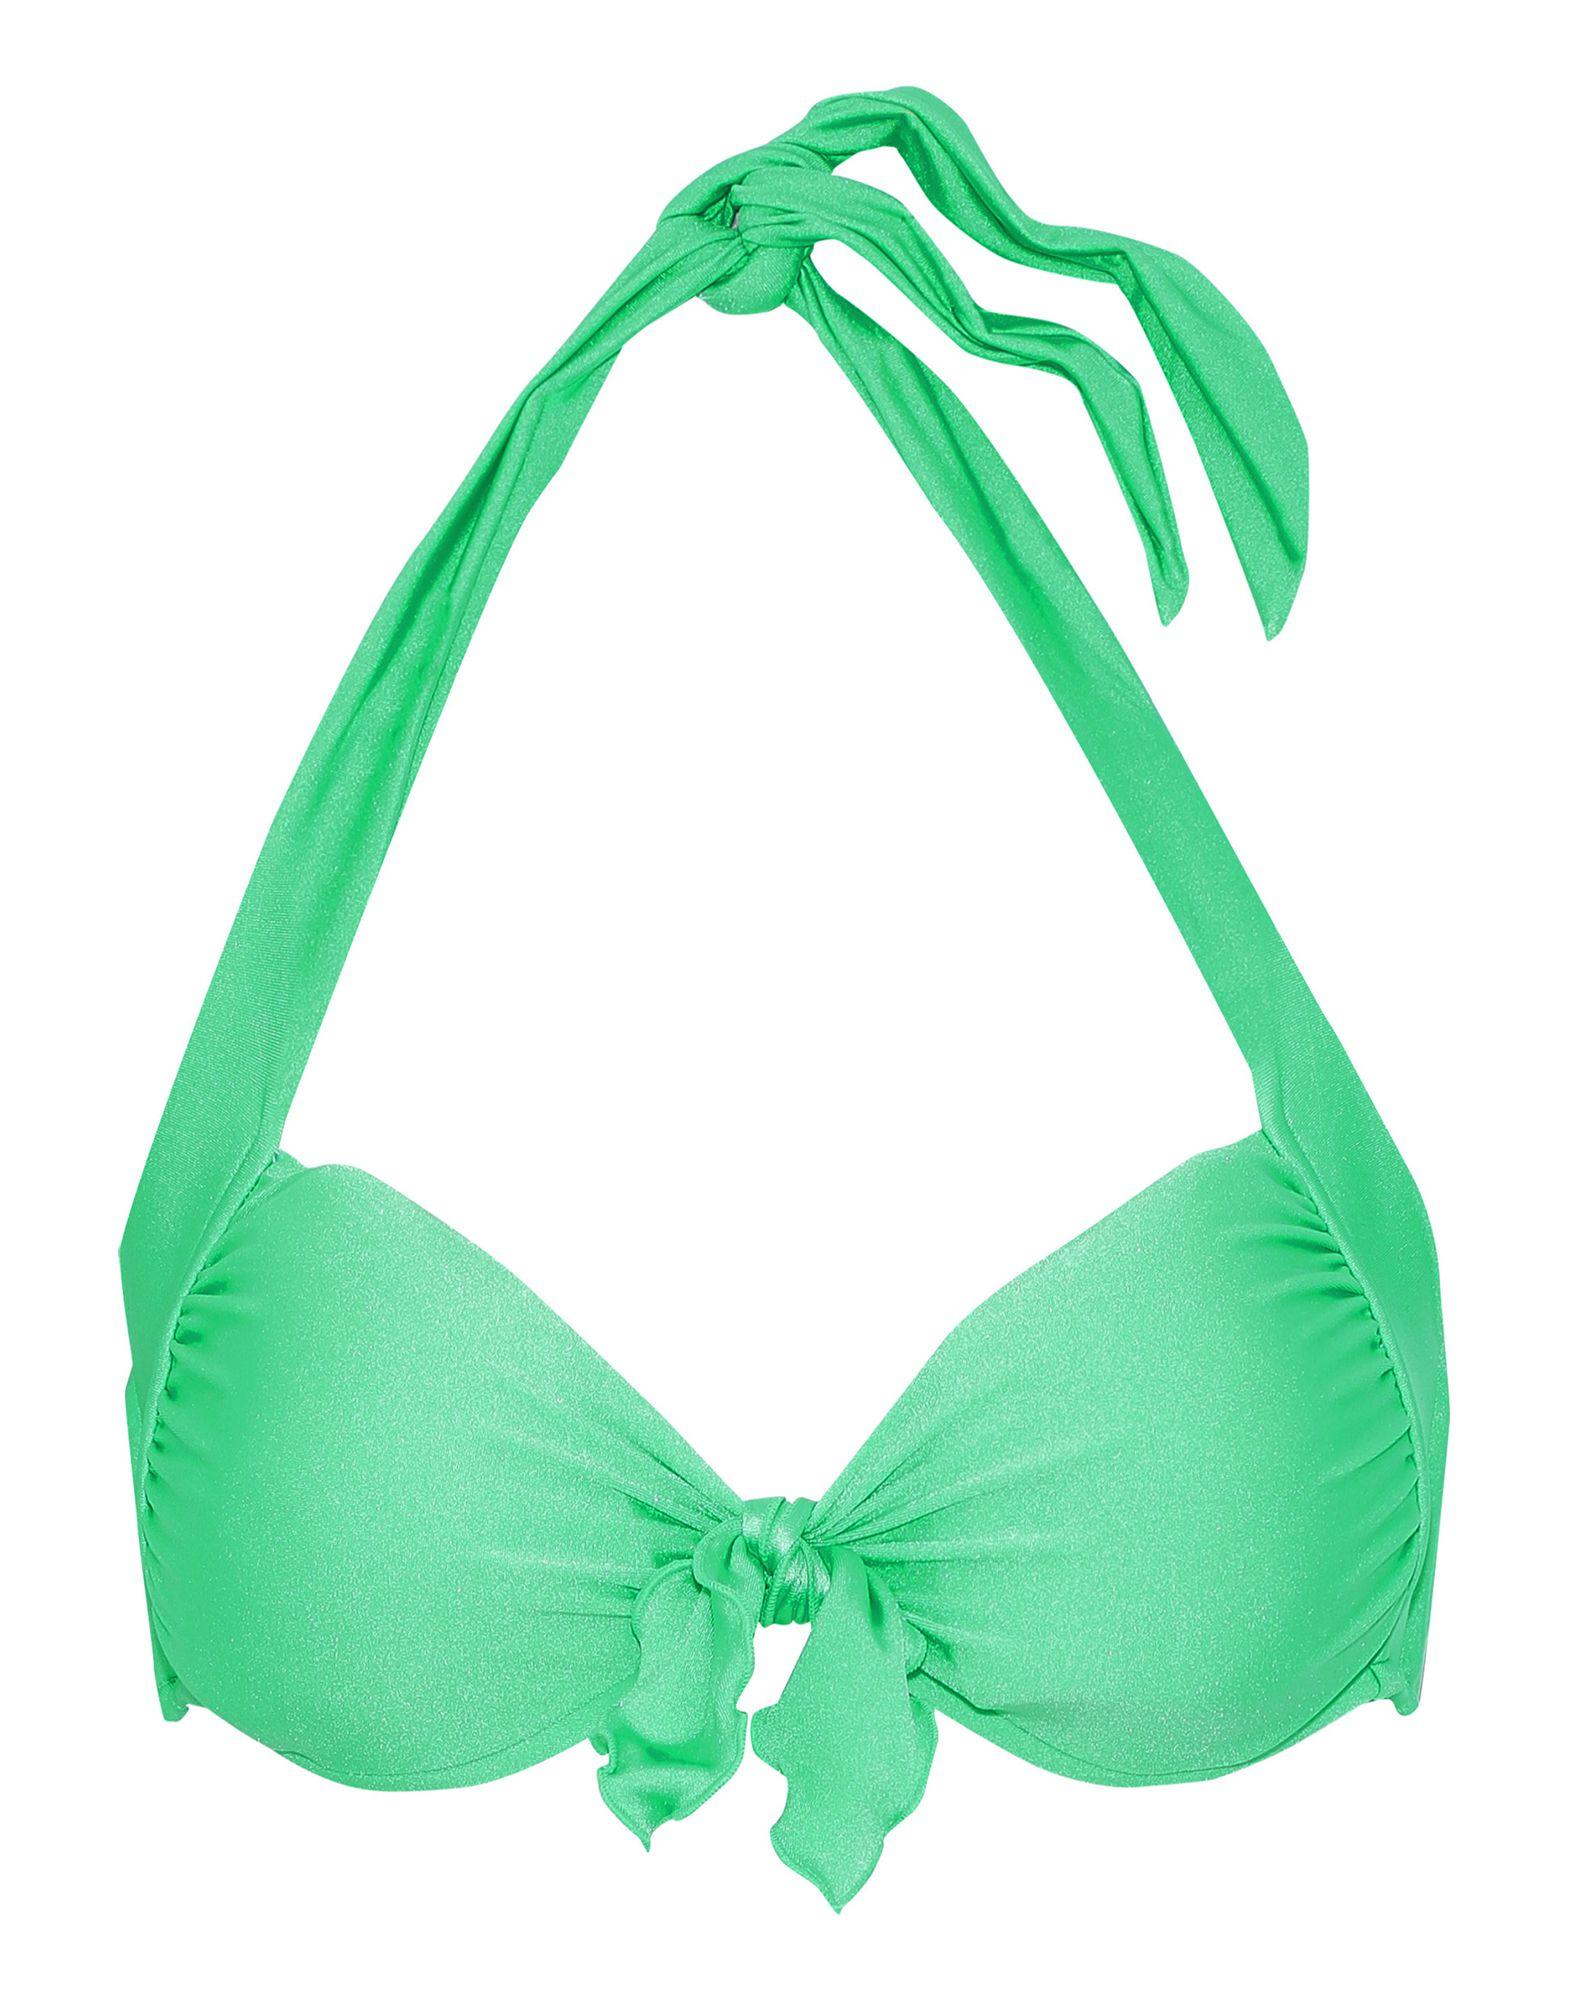 SEAFOLLY Bikini tops - Item 47249397